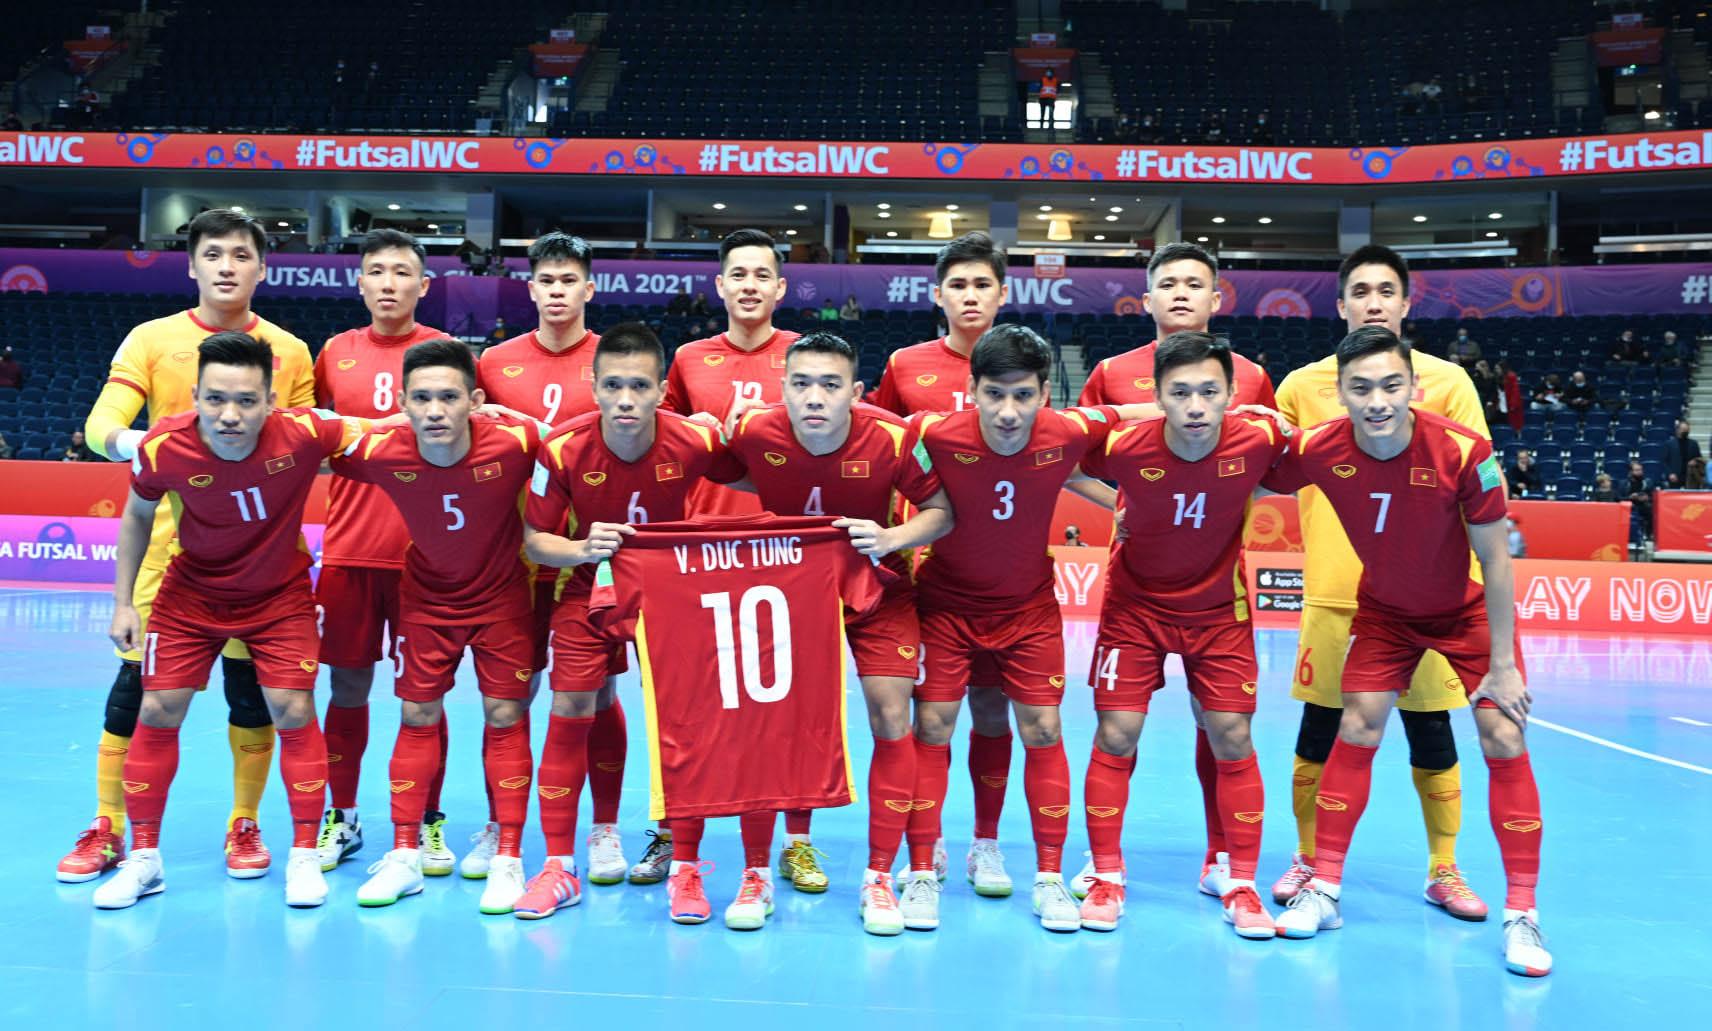 Mang ý chí kiên cường, đội tuyển futsal Việt Nam thua sát nút Nga với tỷ số 2-3 -0